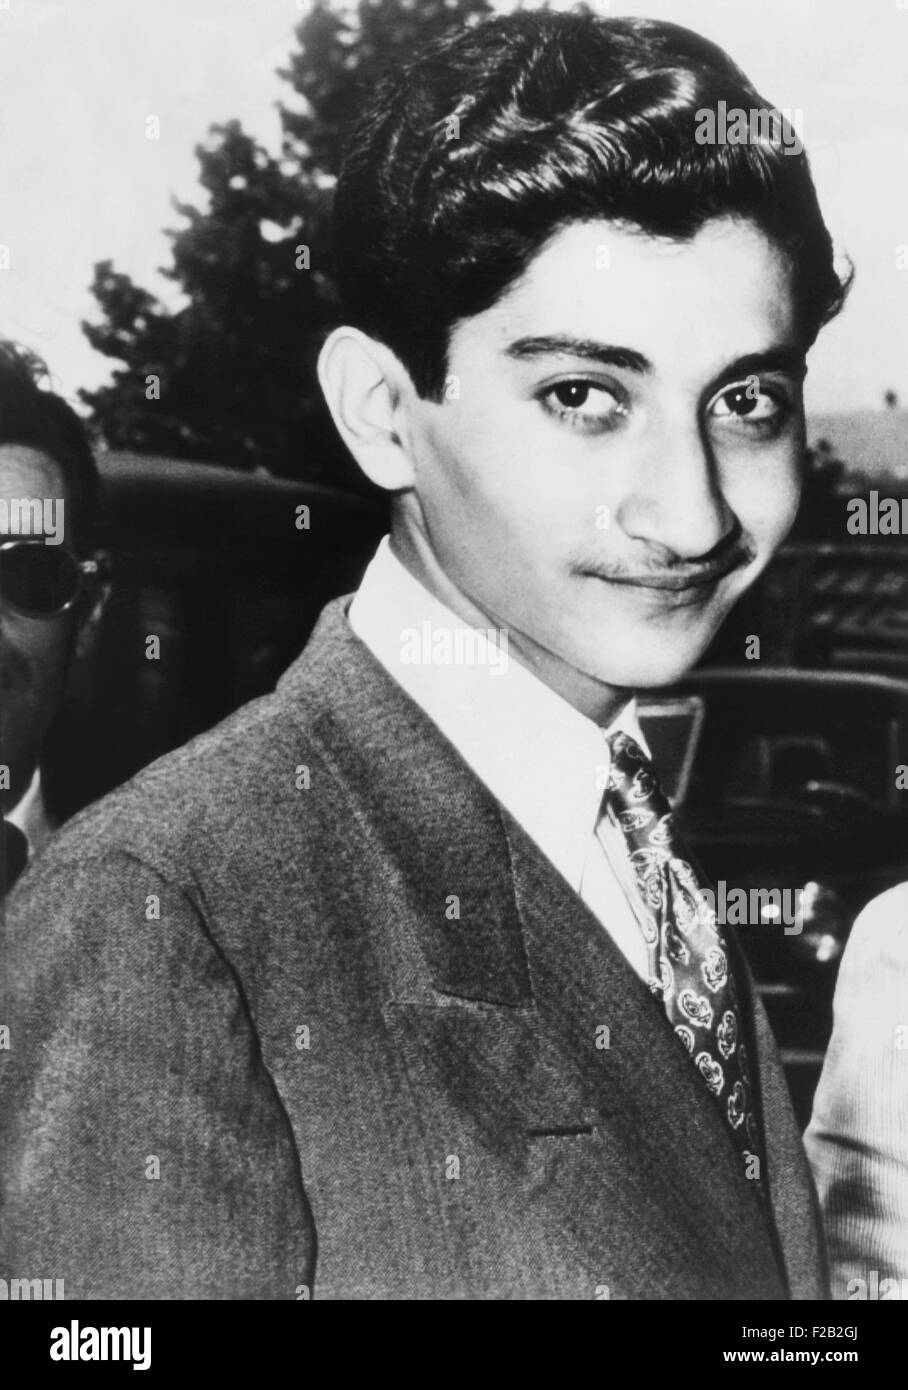 Hamid Riza Pahlavi, 15 ans, demi-frère du Shah d'Iran, à New York le 2 juillet 1947. Il s'échappait Photo Stock